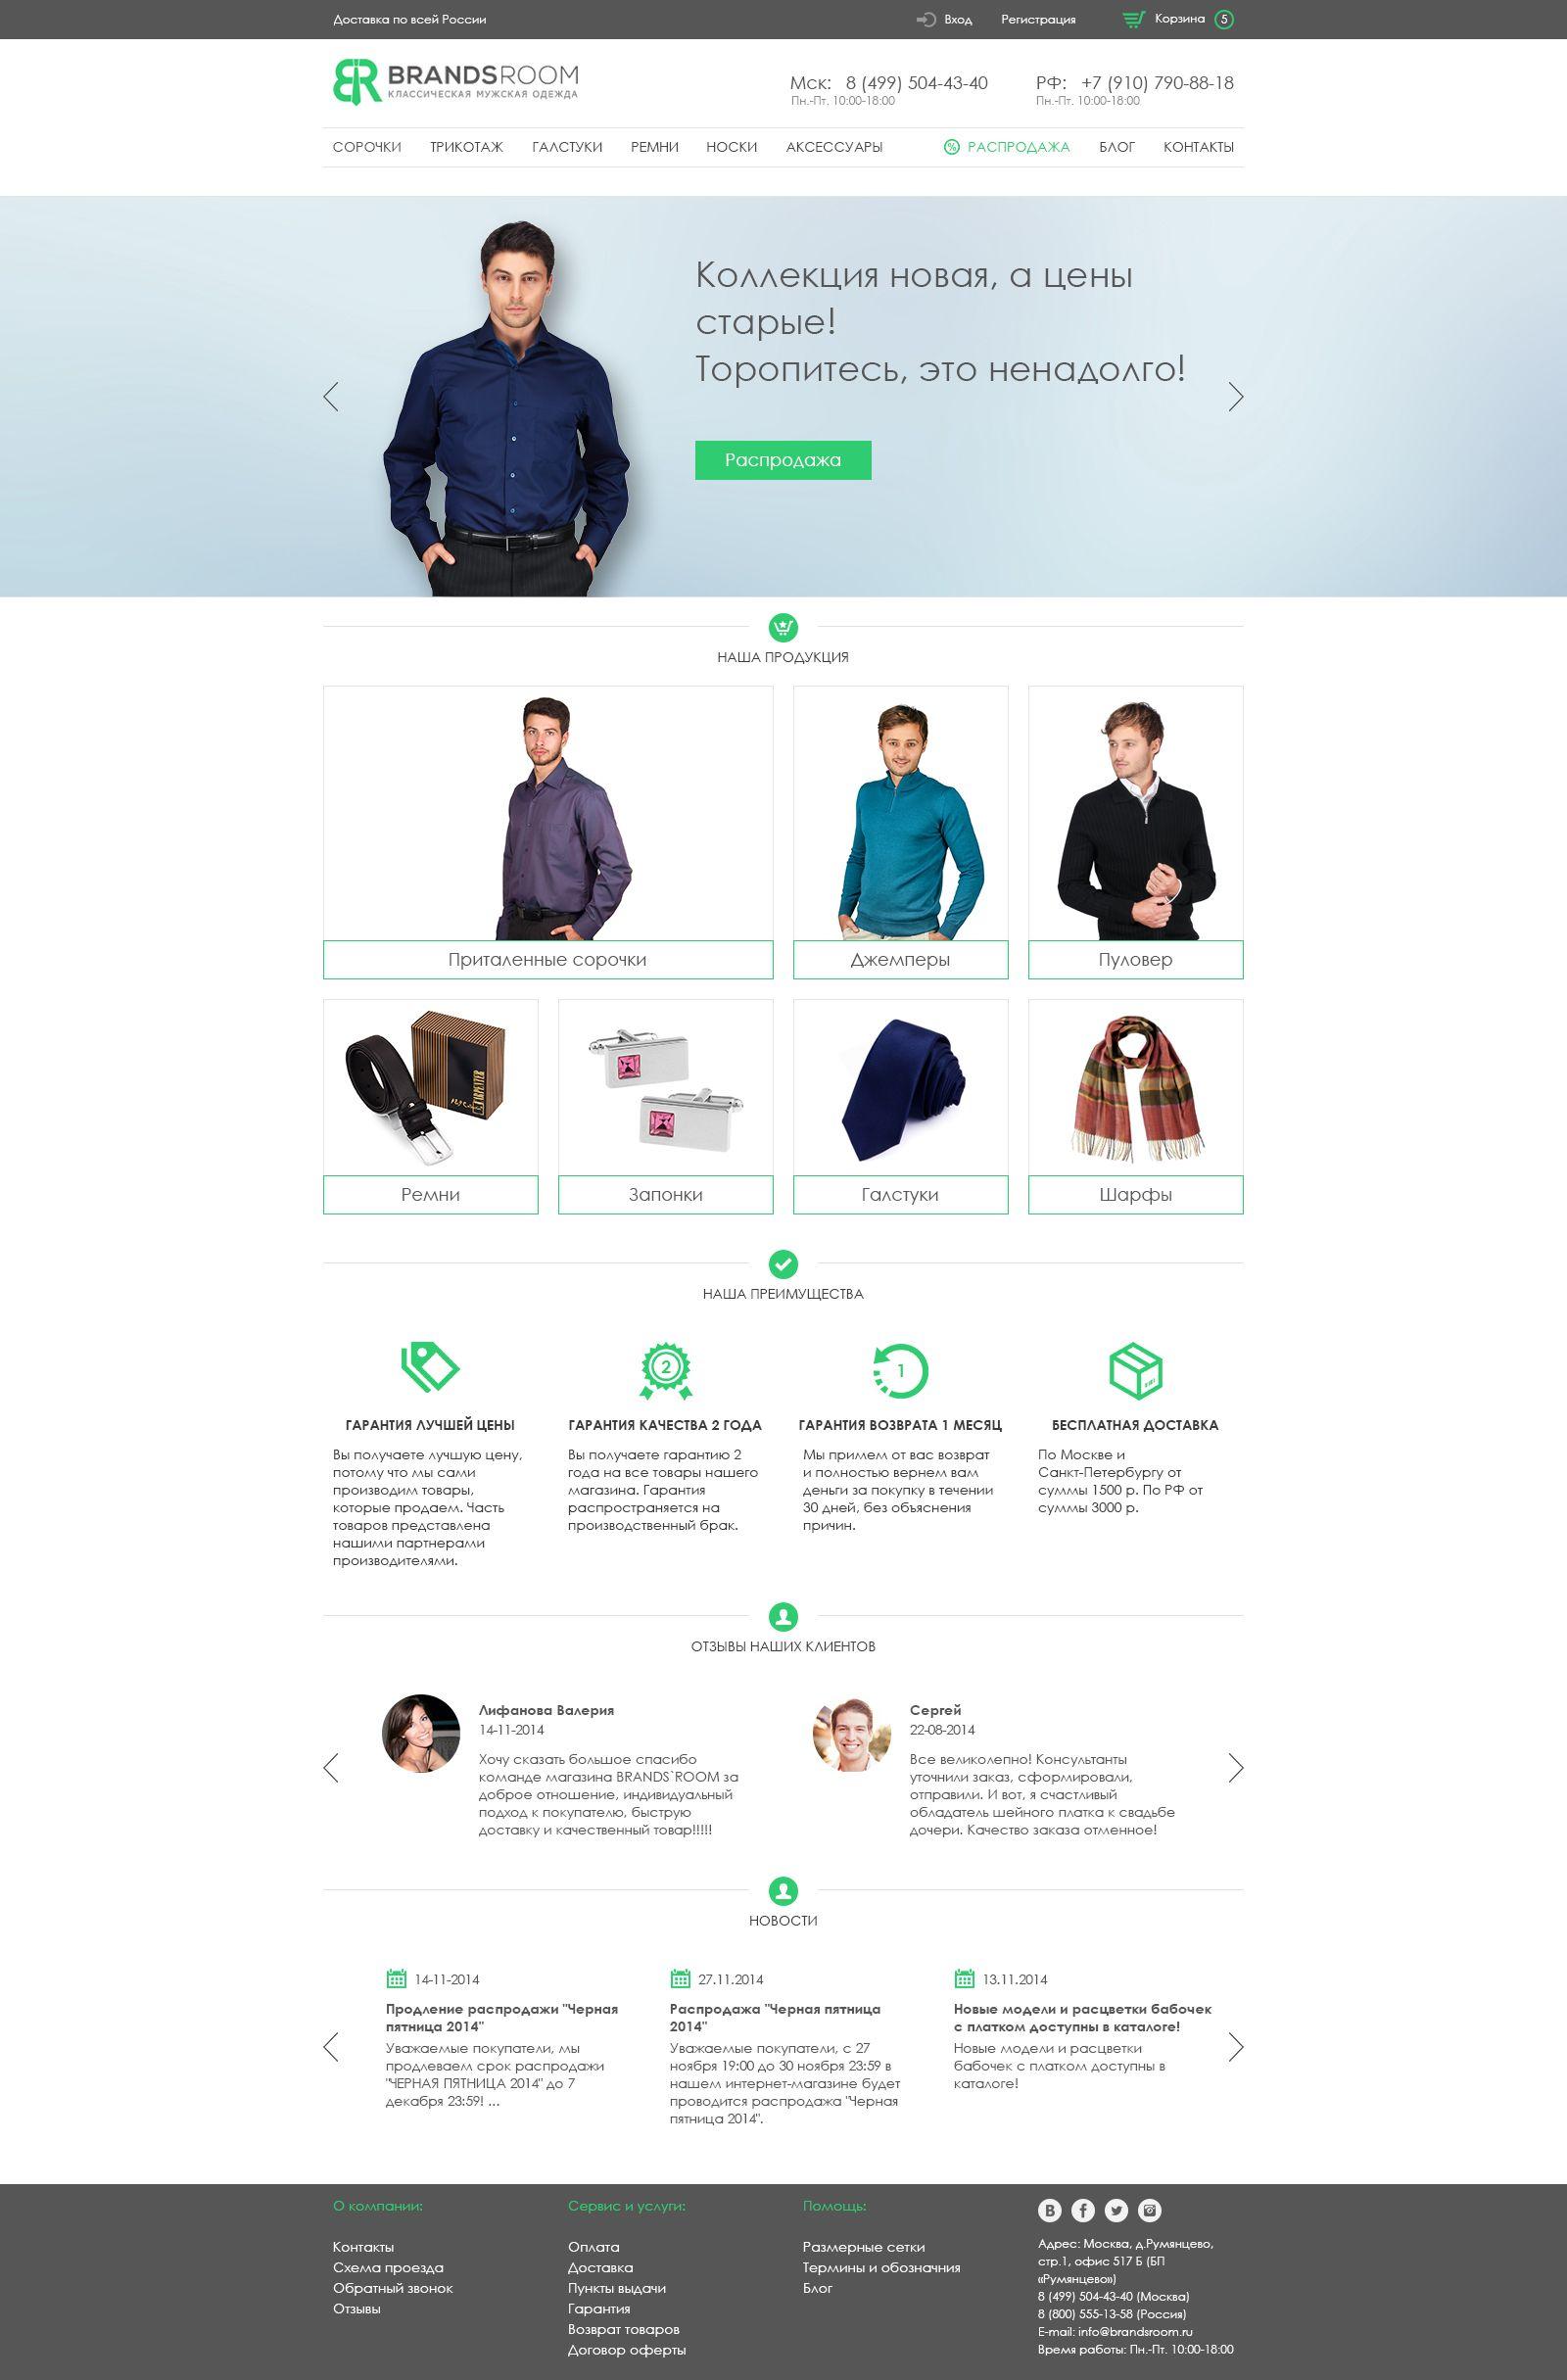 Редизайн главной страницы интернет-магазина - дизайнер Alexorekhvo